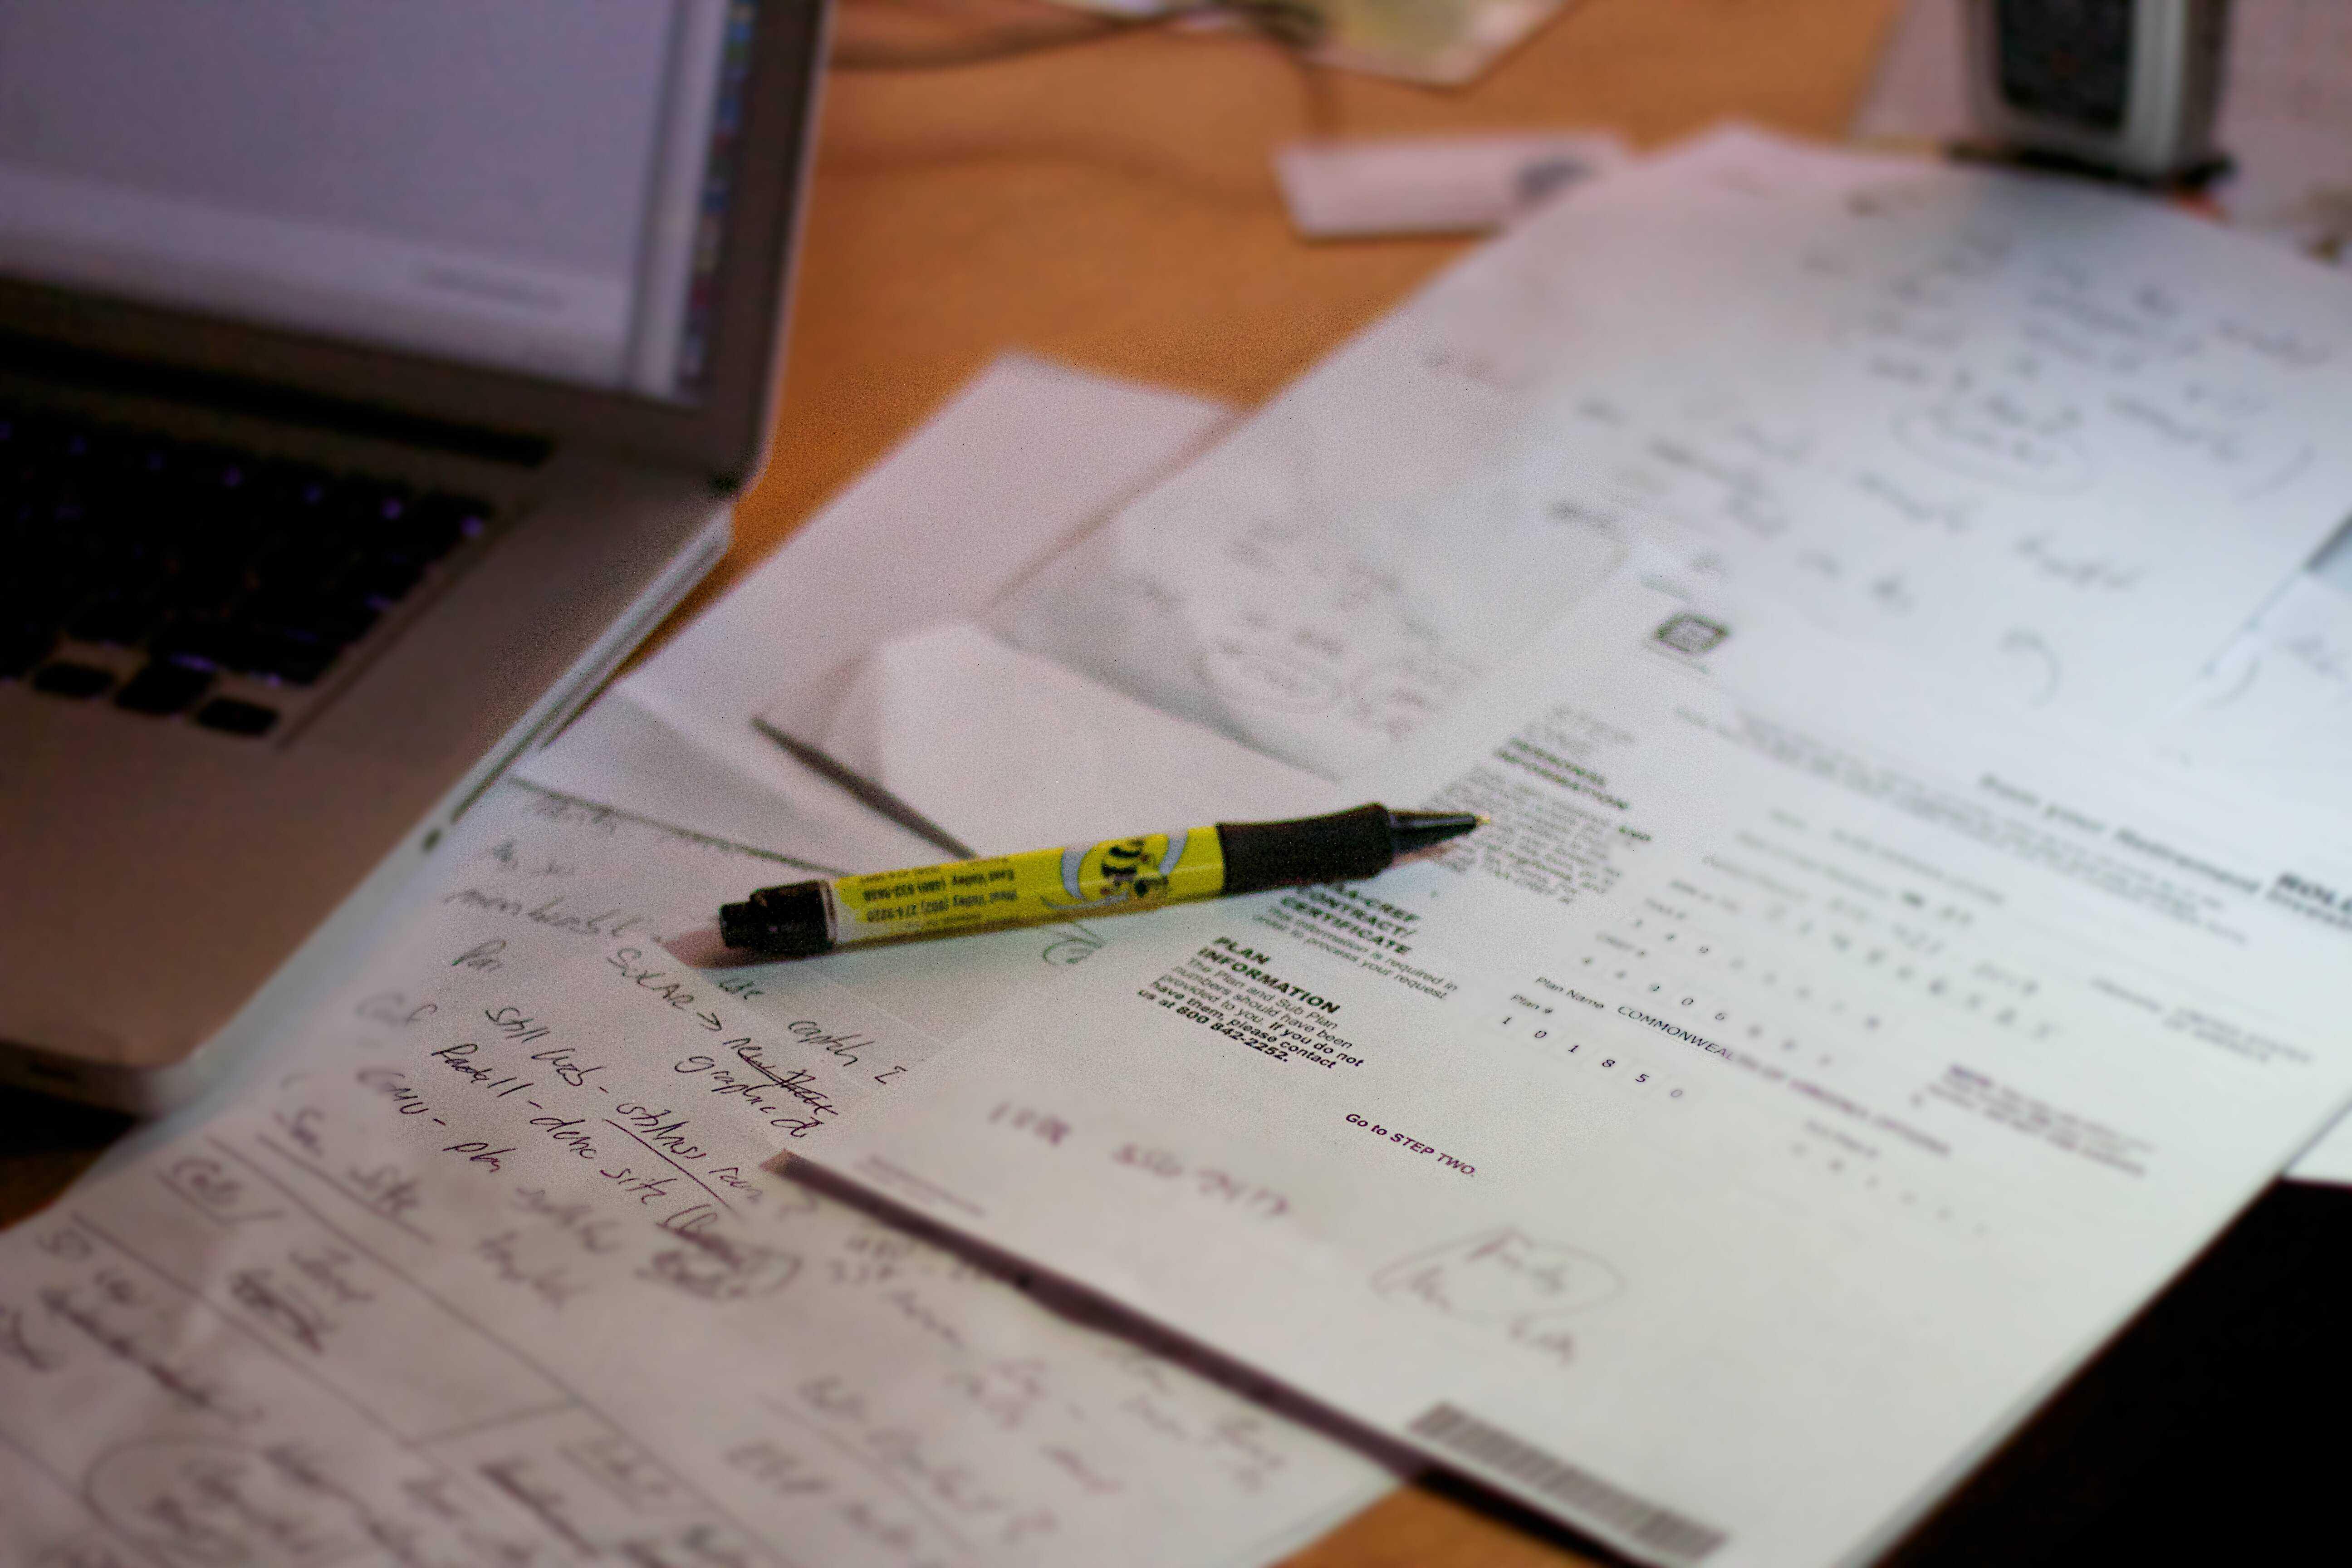 Zaświadczenie o zatrudnieniu i zarobkach